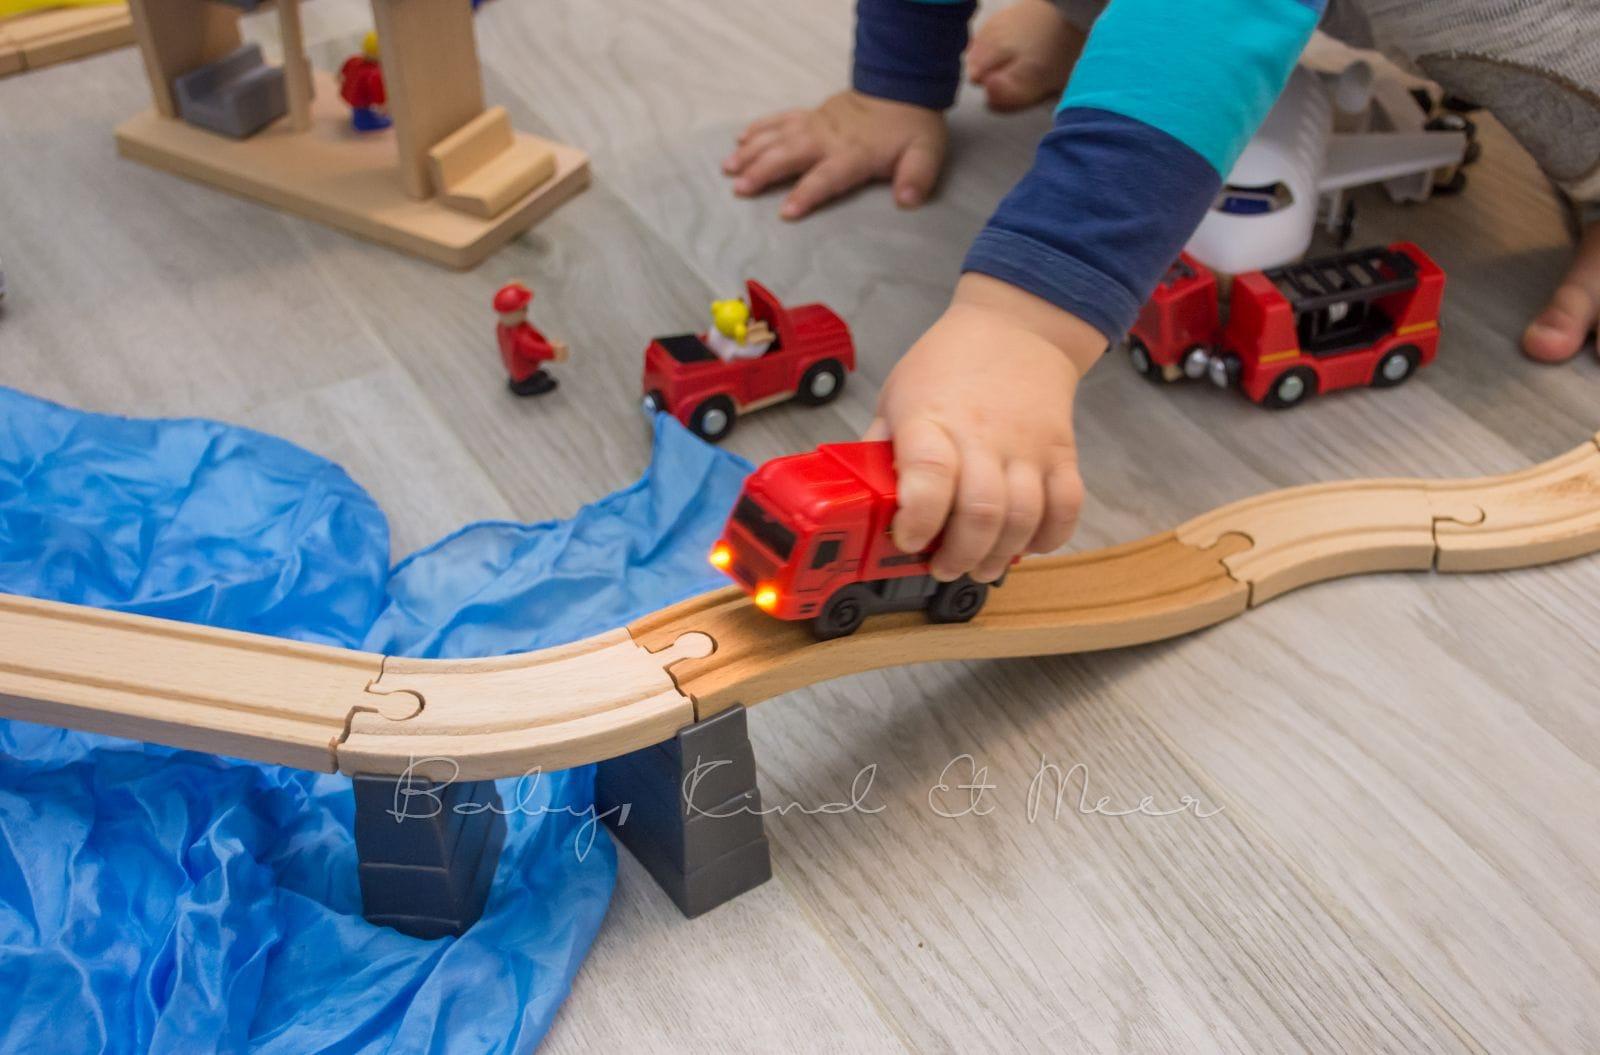 Holzeisenbahnen Müssen Nicht Teuer Sein Spielzeug Baby